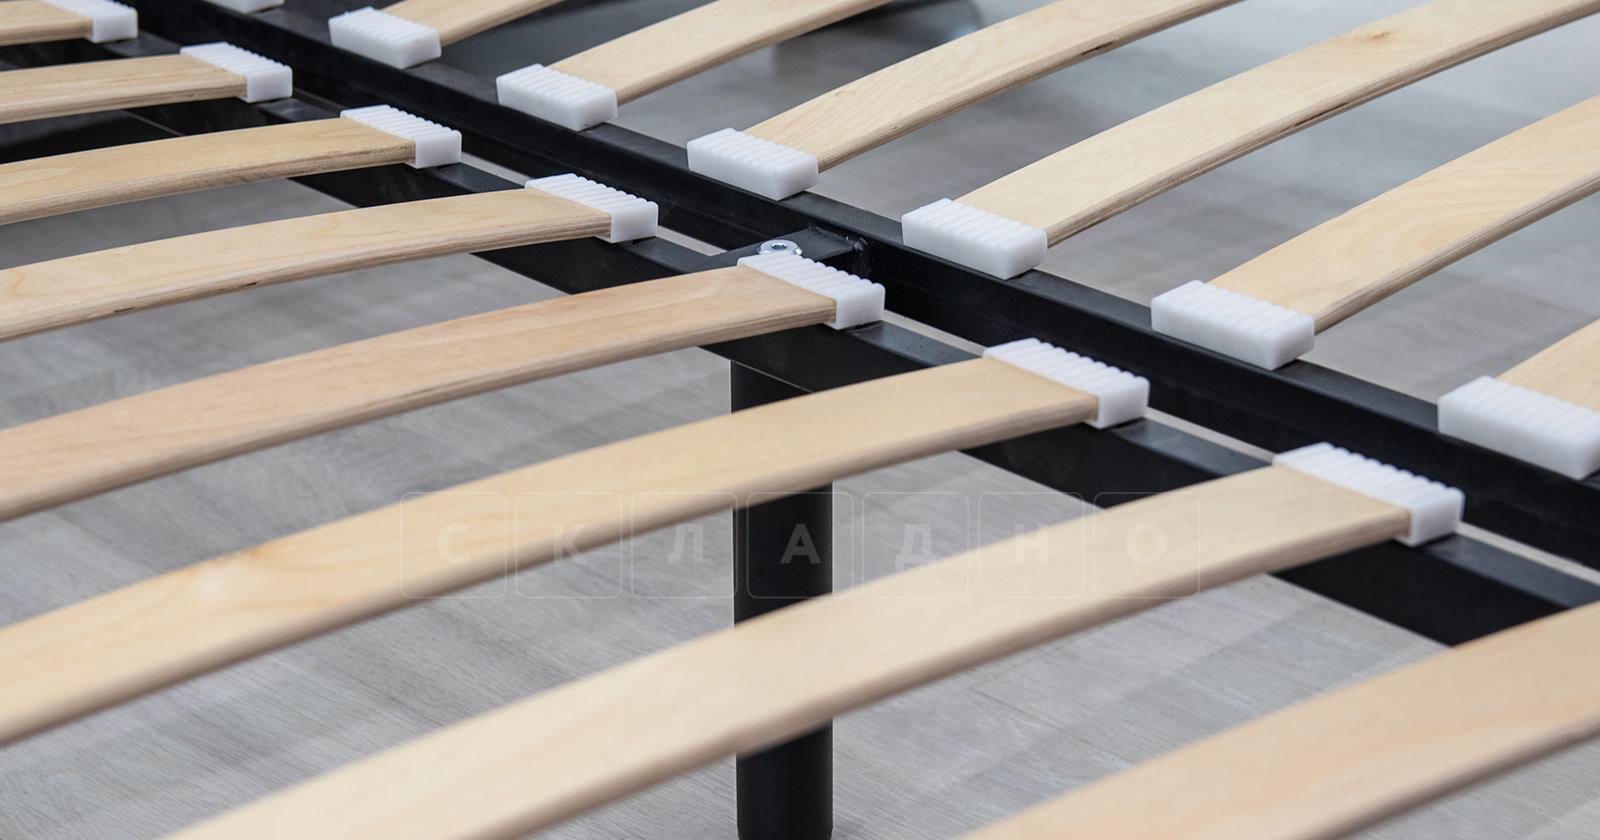 Мягкая кровать Оливия 160 см экокожа бежевый фото 15 | интернет-магазин Складно